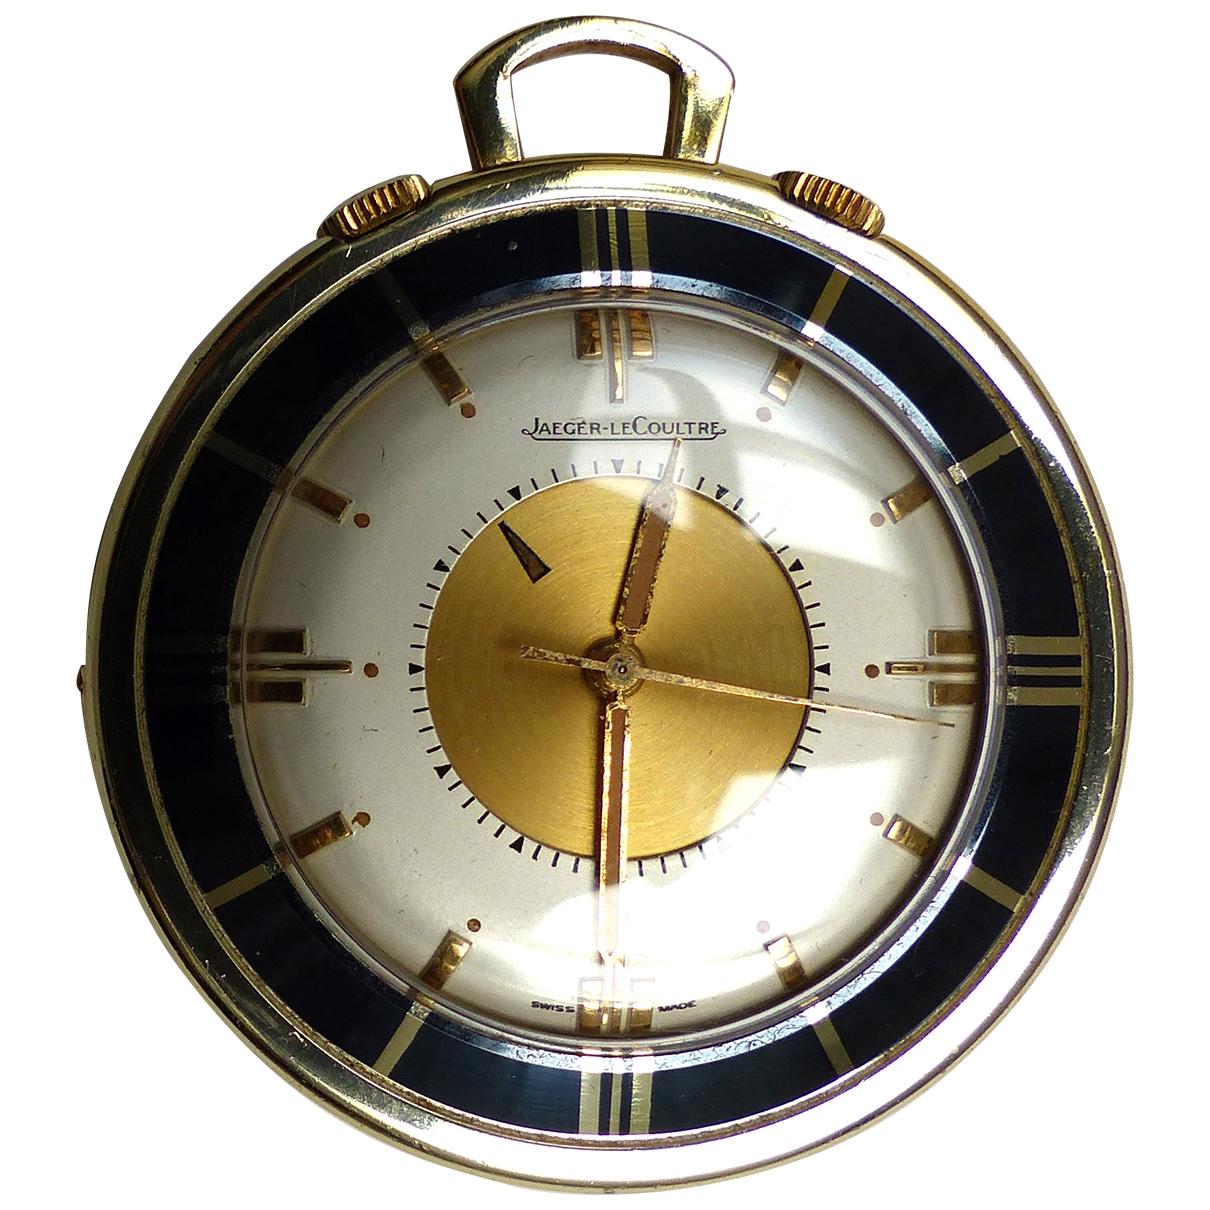 Jaeger-lecoultre Memovox Uhr in  Gold Vergoldet